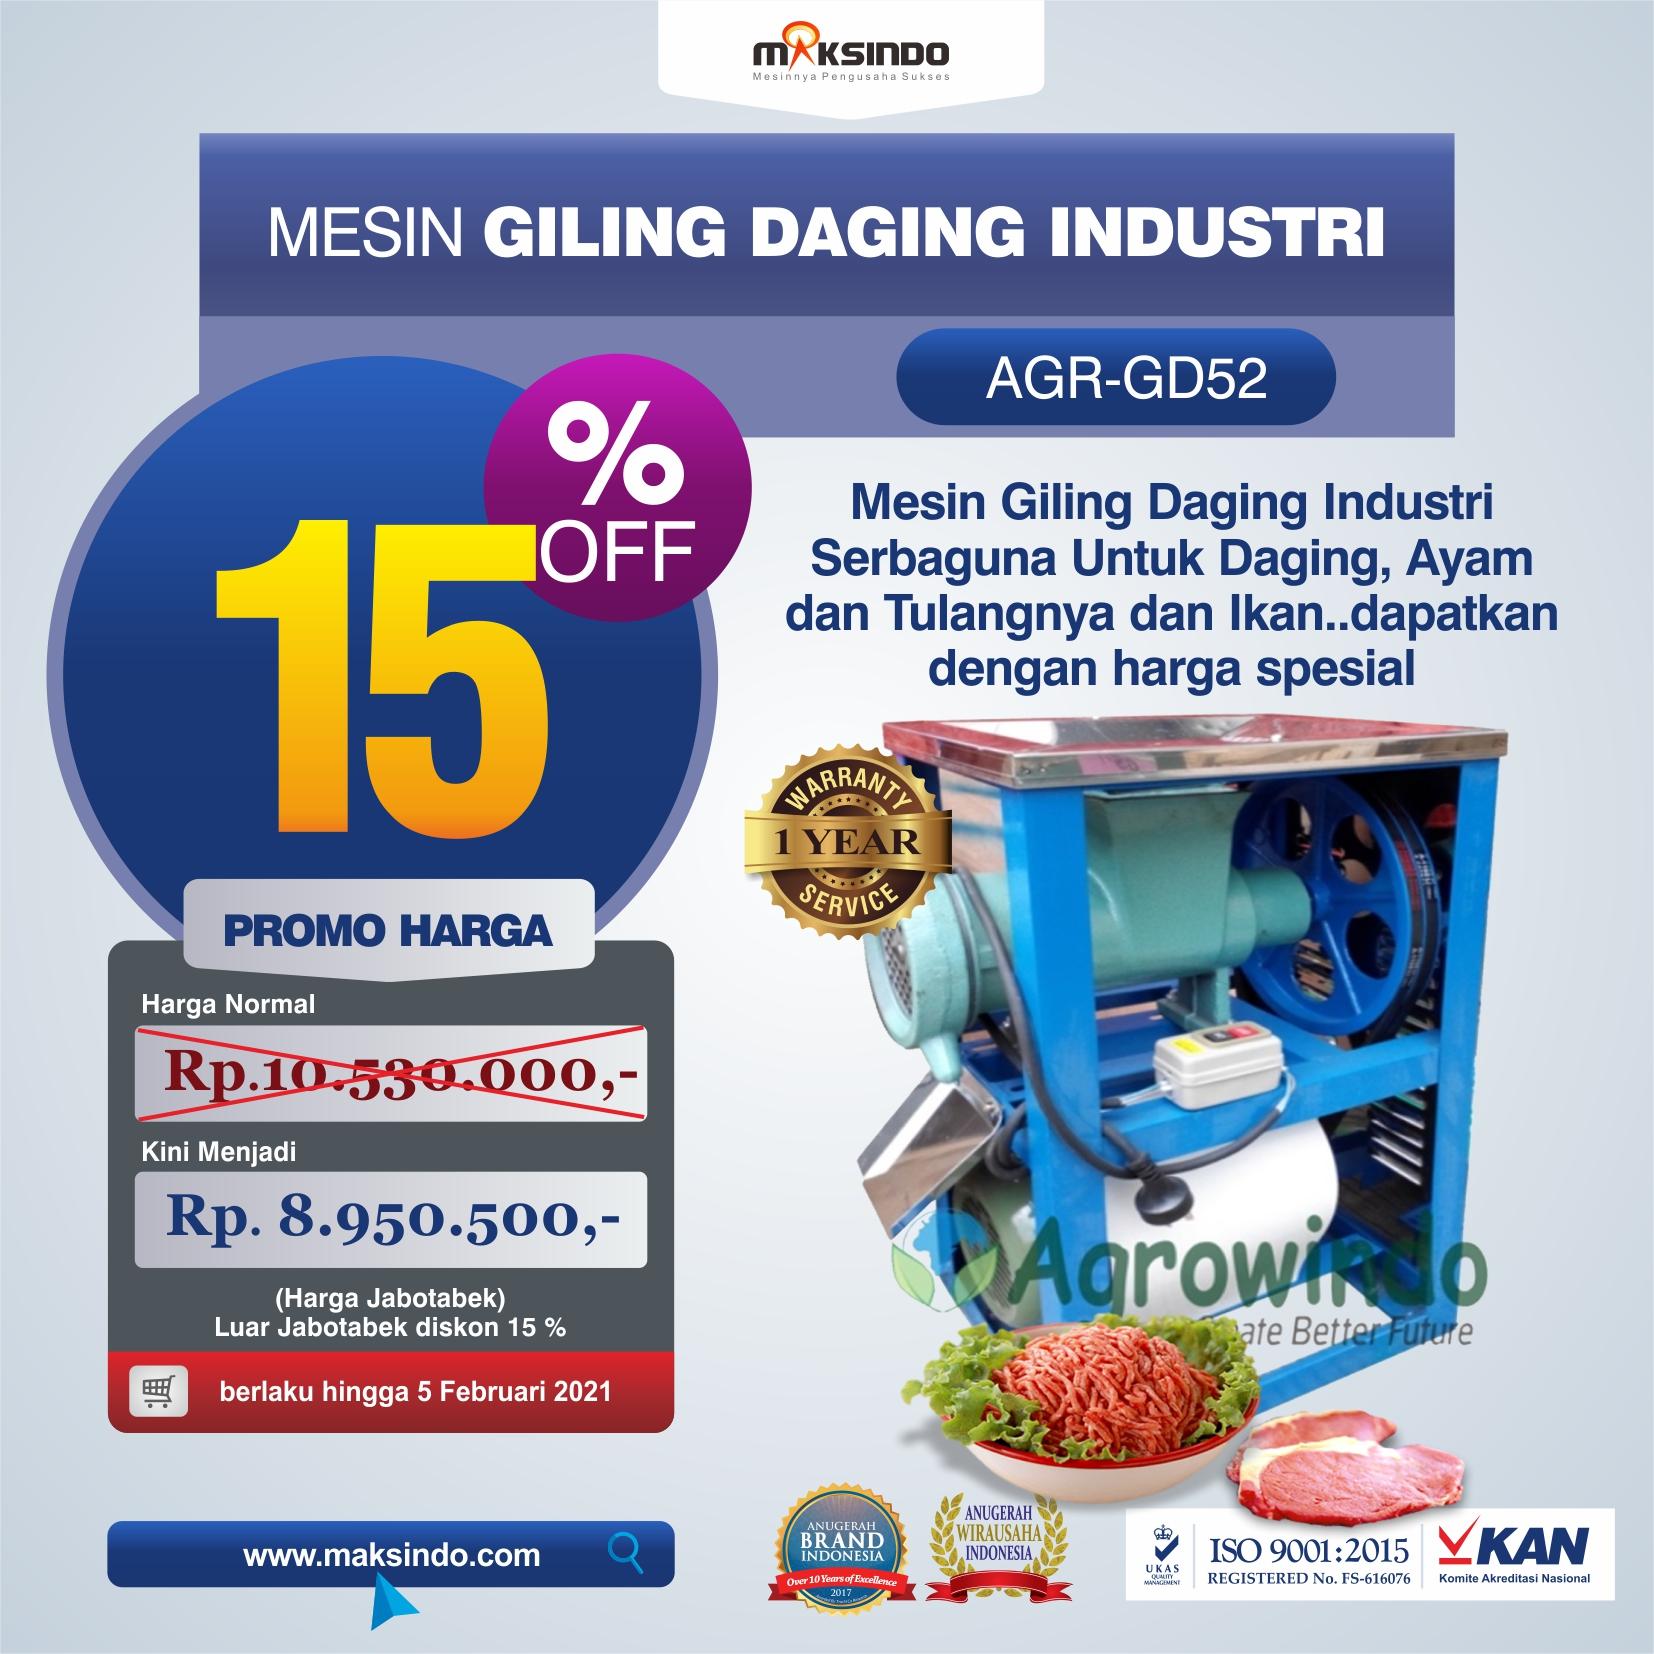 Jual Mesin Giling Daging Industri (AGR-GD52) di Malang